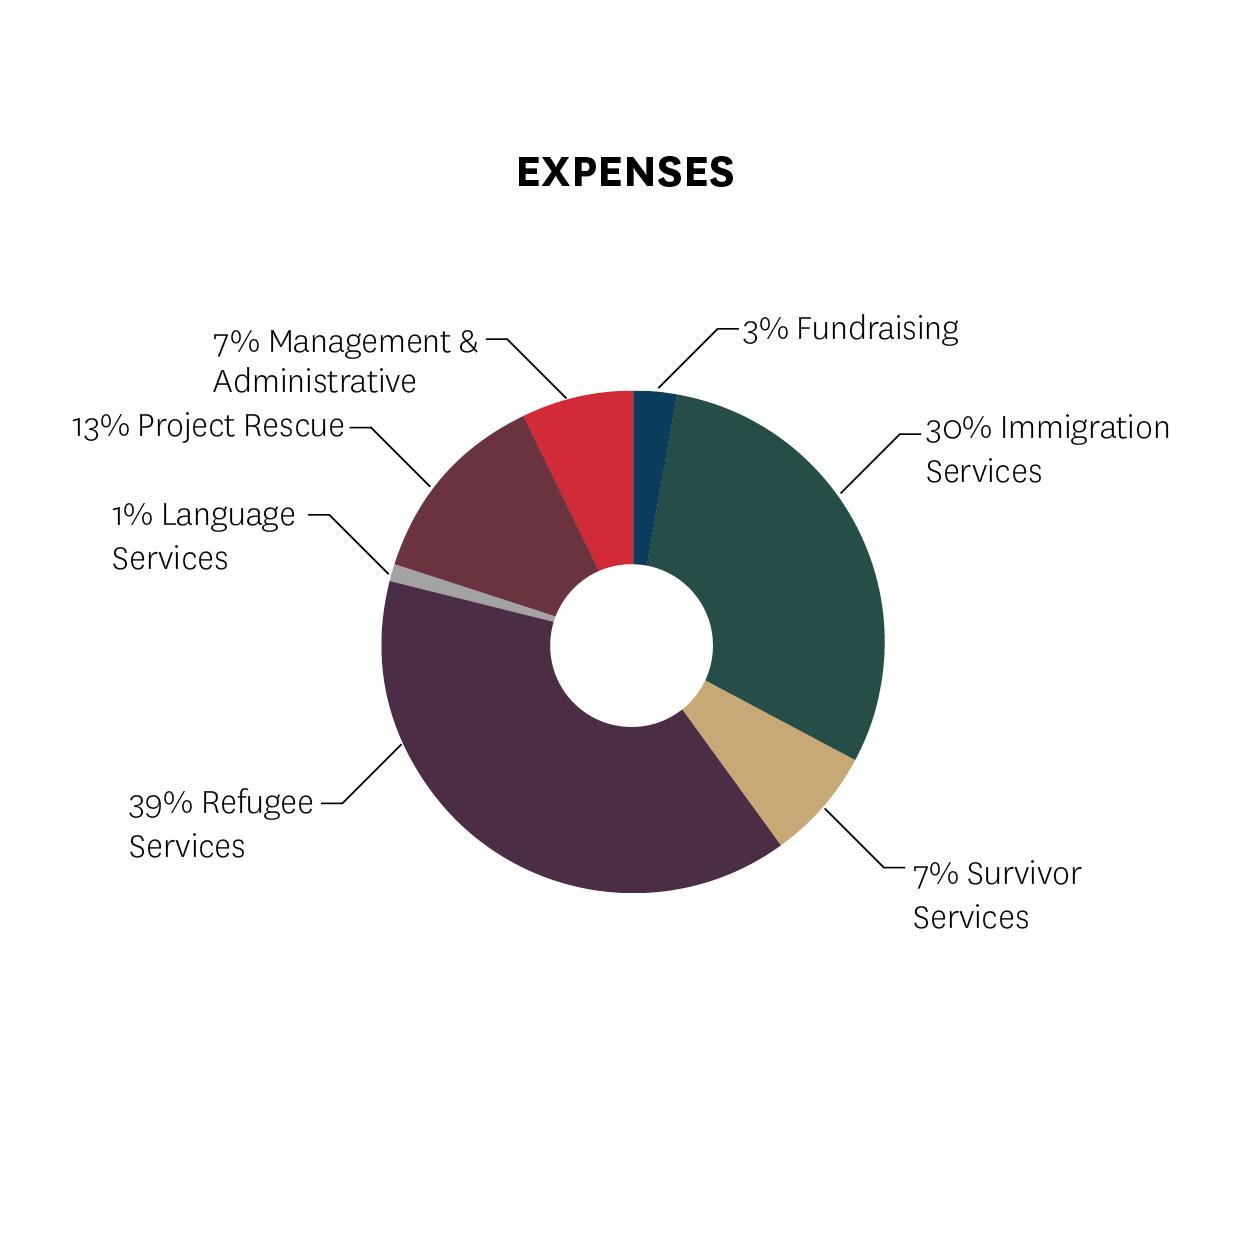 expenses2.jpg